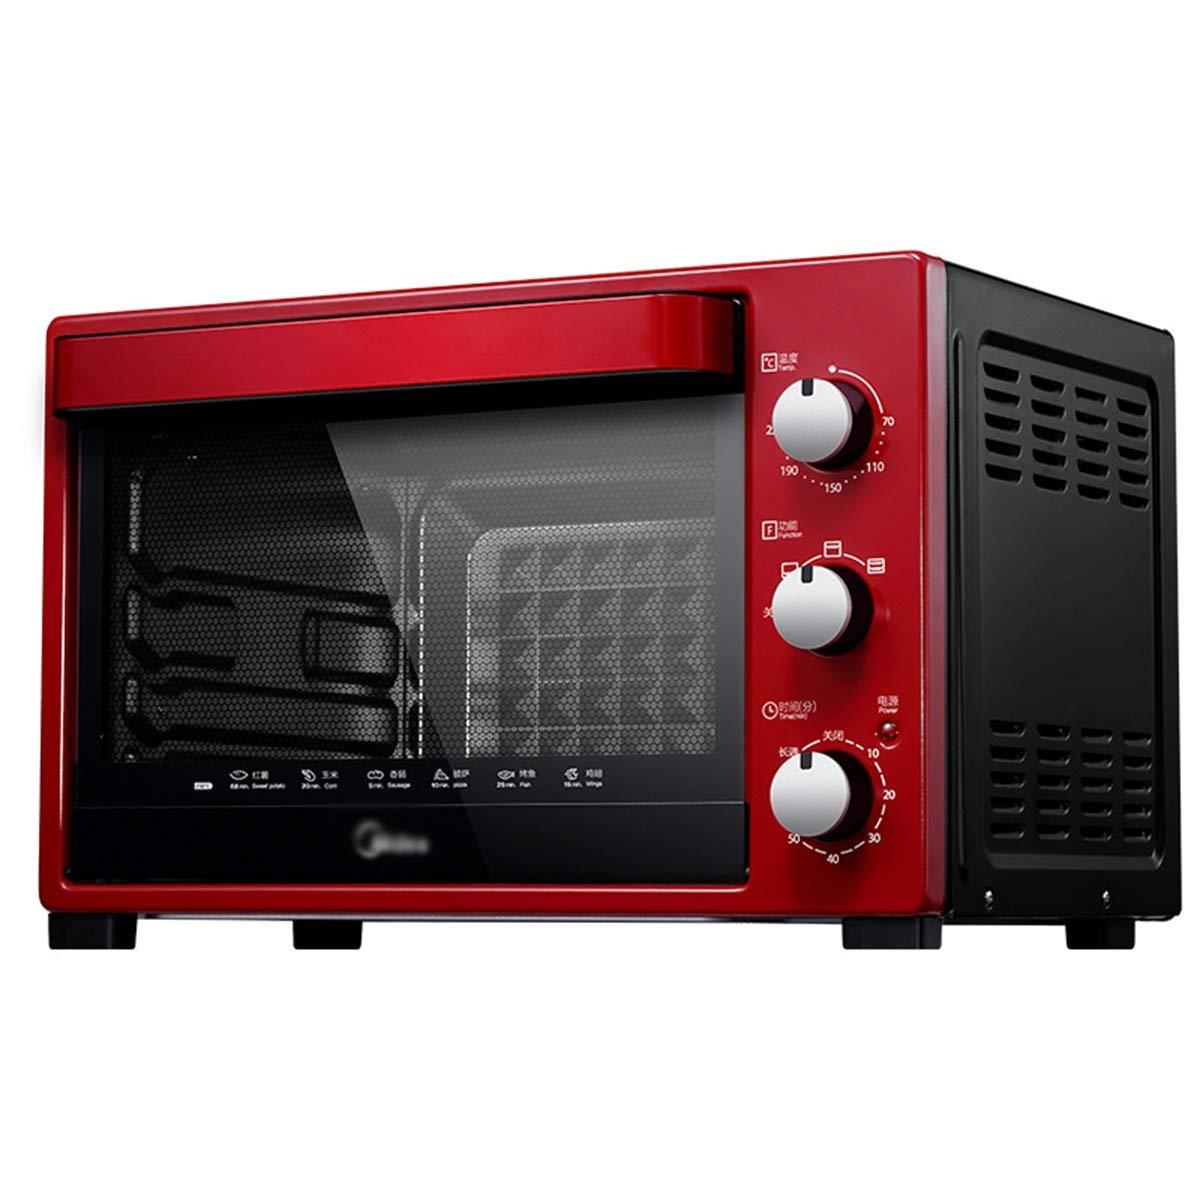 ZCYX ミニオーブン - 電気オーブングリル焼き肉ローストチキンウィング卵タルトサツマイモホーム多機能オーブン -7487 オーブン B07RR14SVC